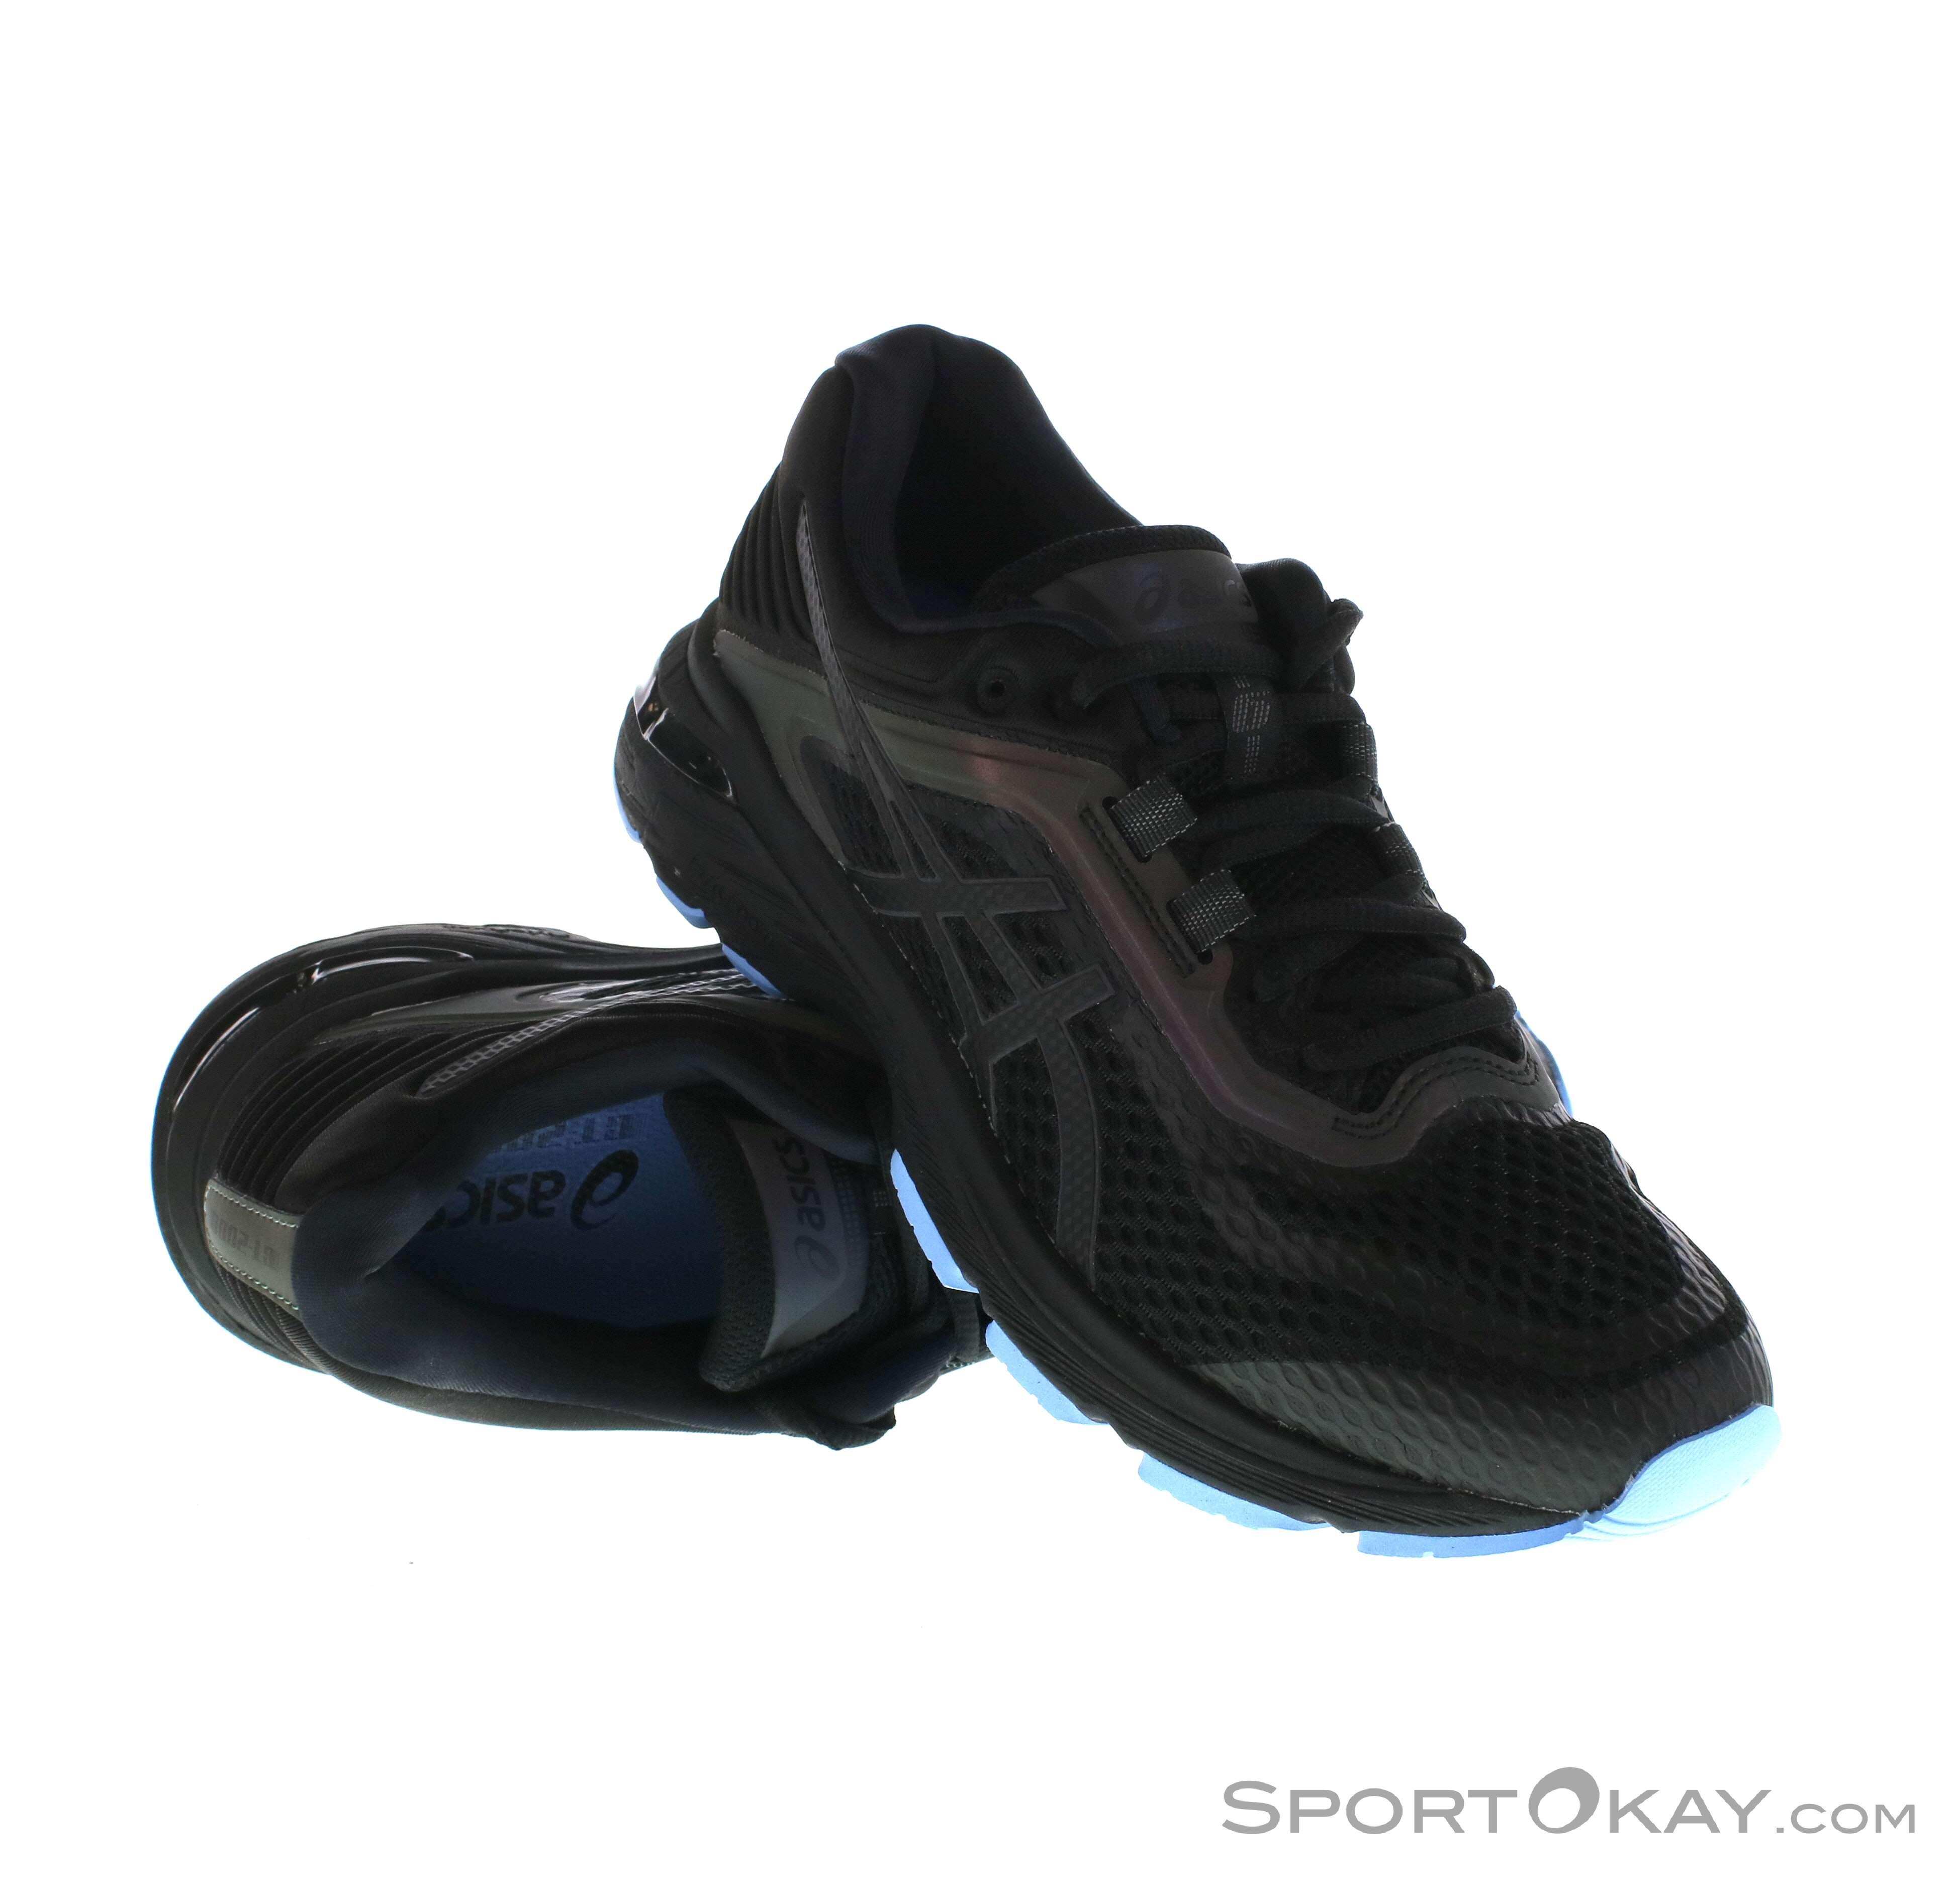 Asics Asics GT 2000 6 Lite Show Womens Running Shoes